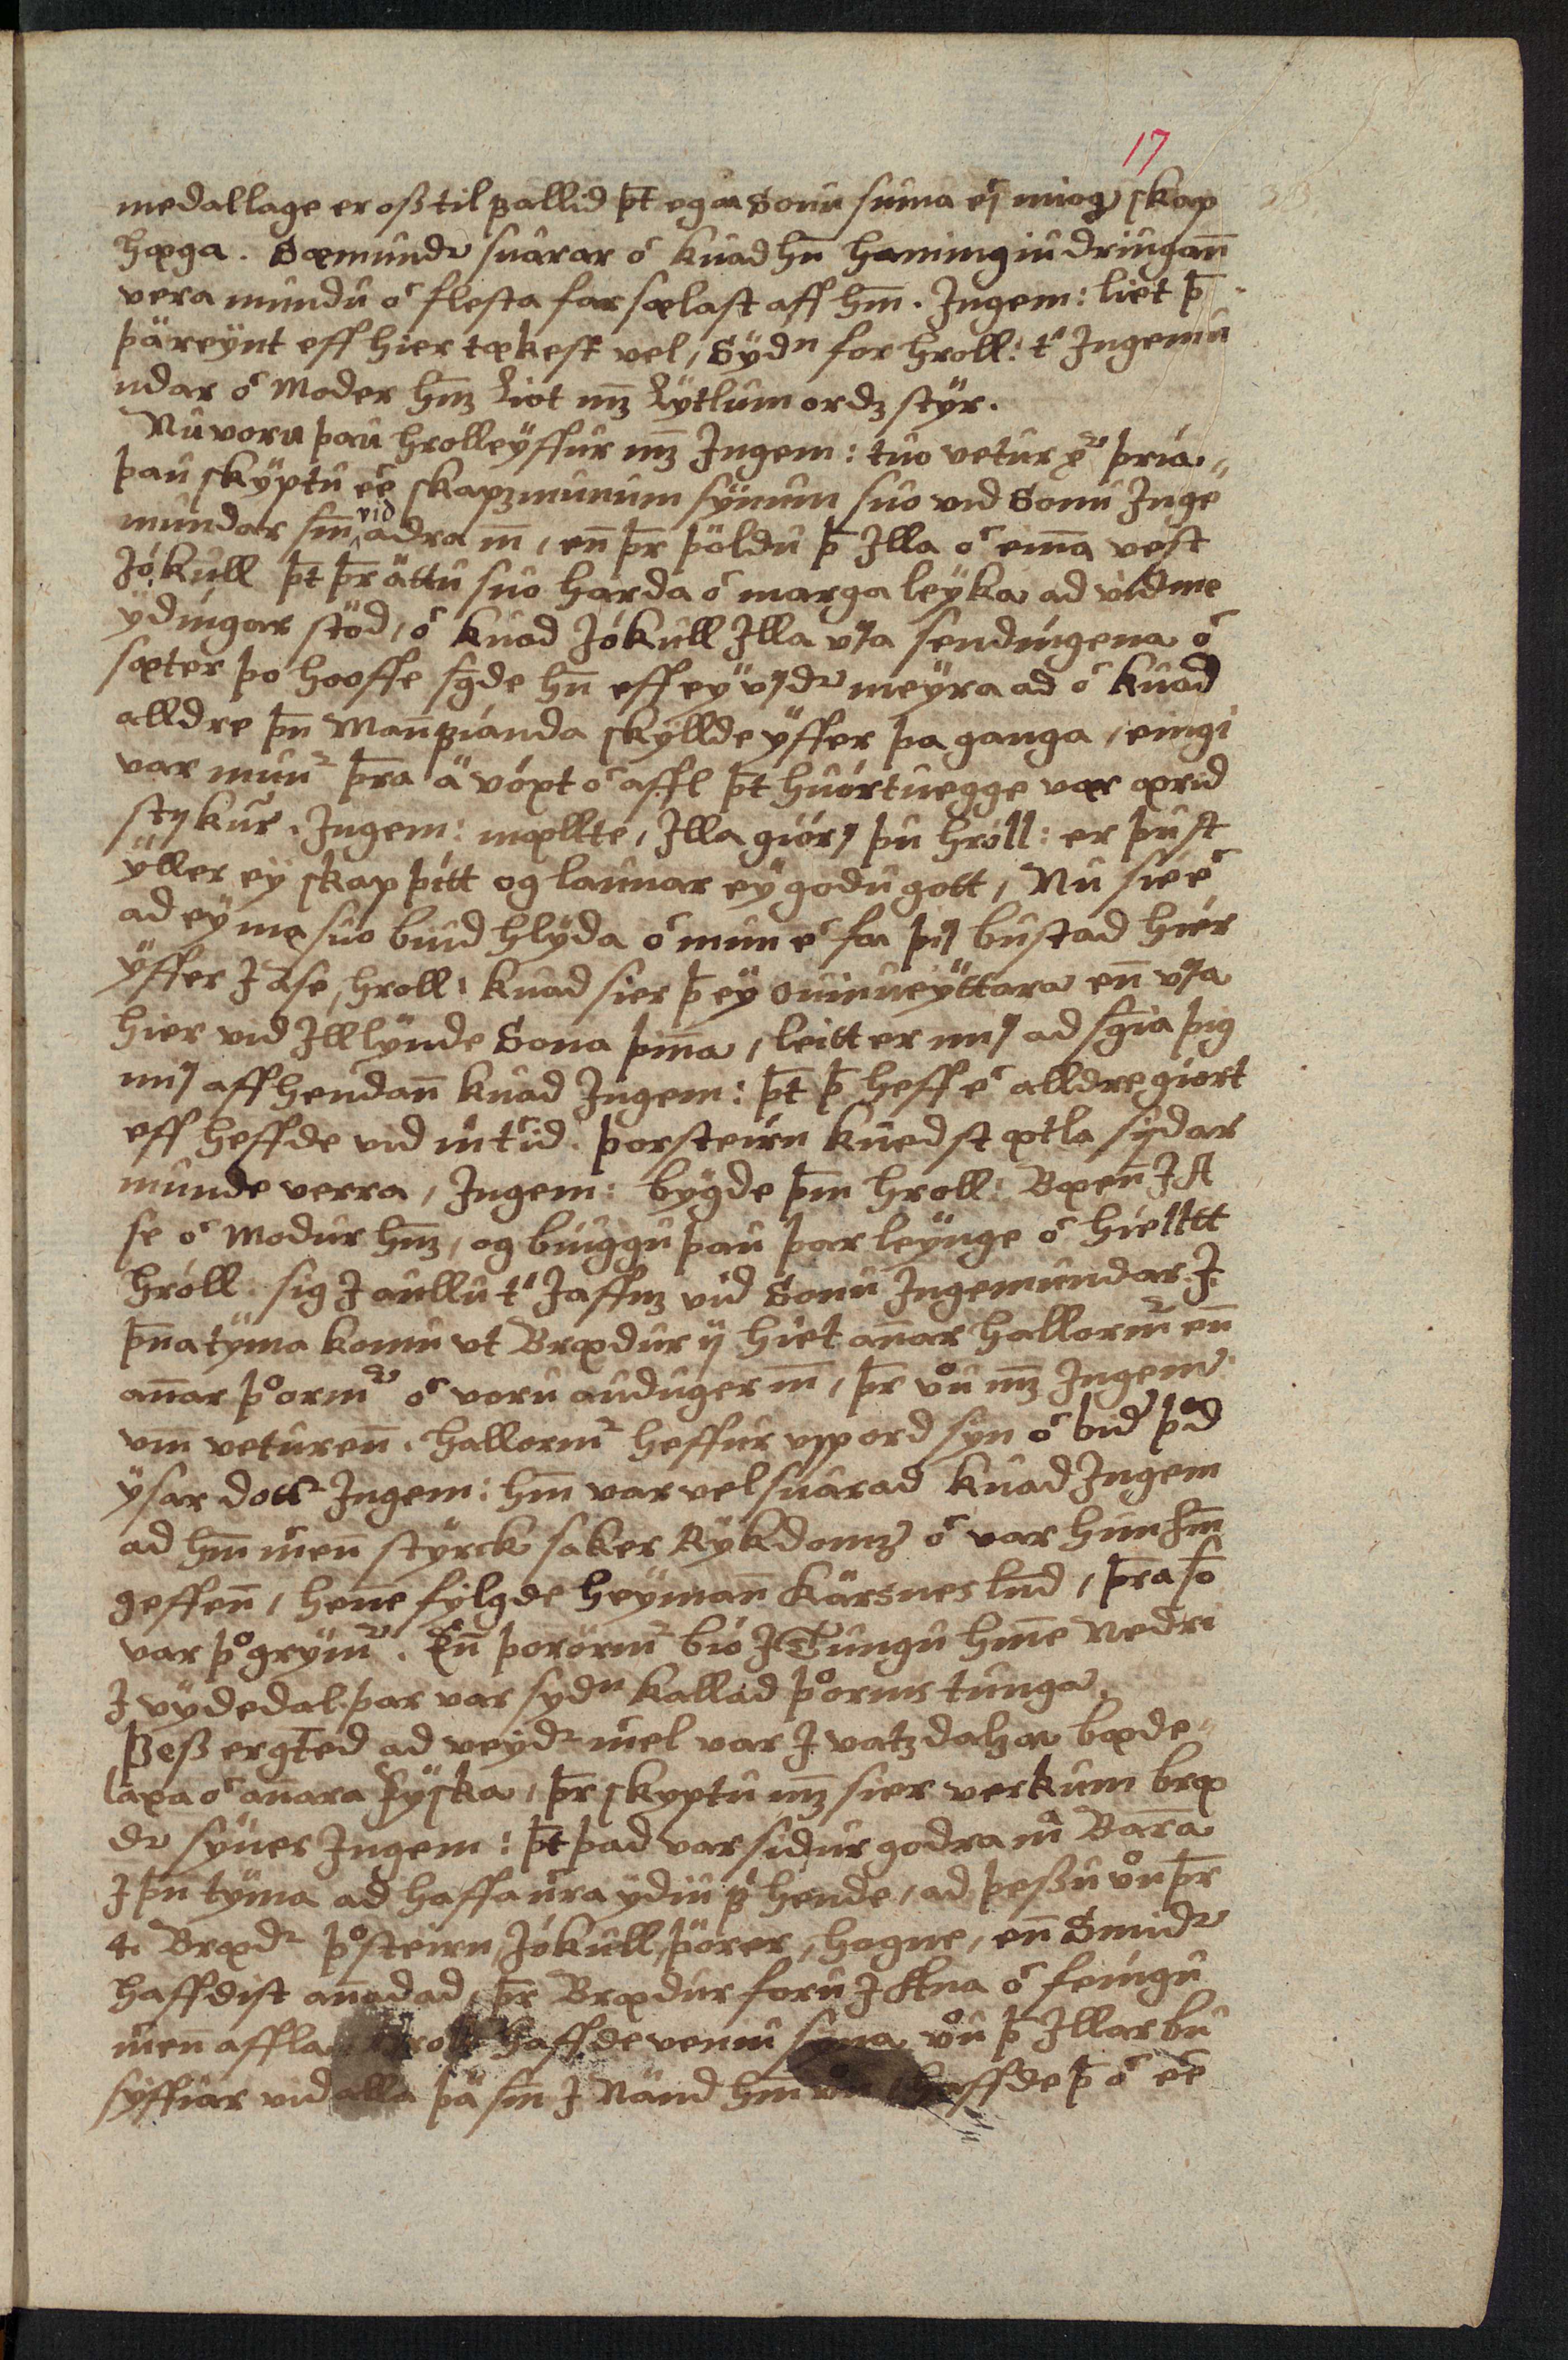 AM 138 fol - 17r